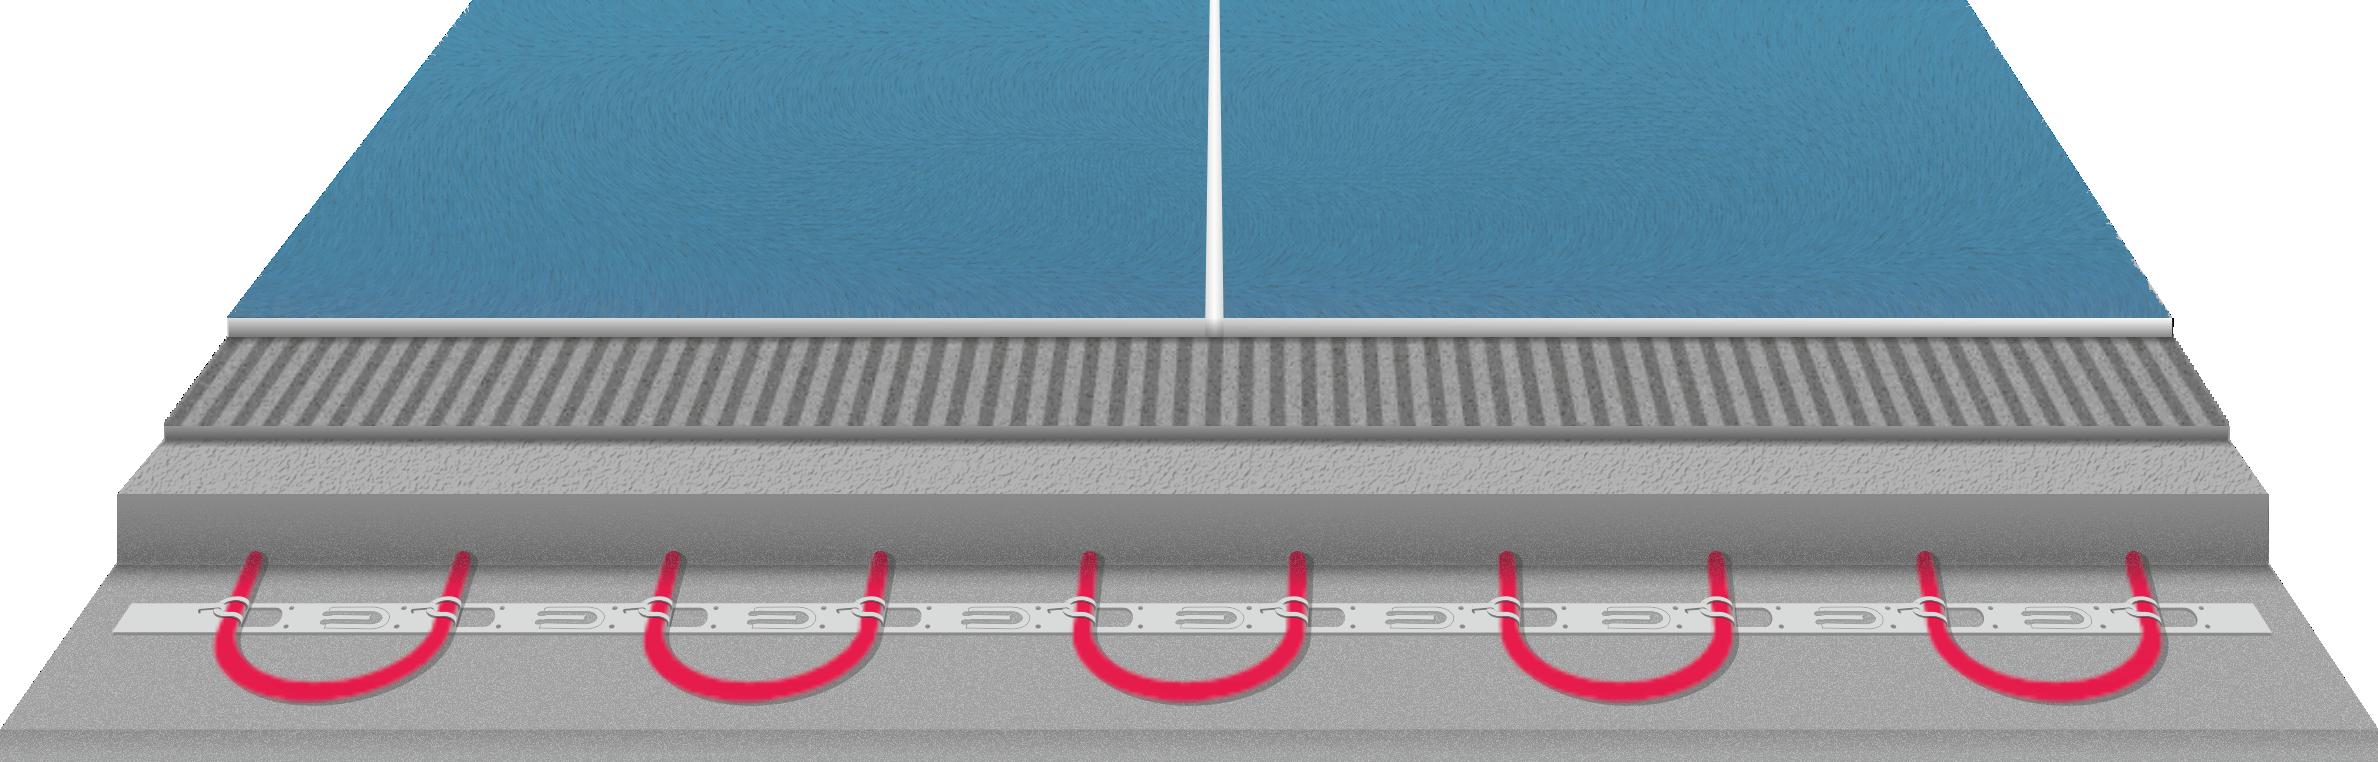 DEVIflex нагревательный кабель в стяжку